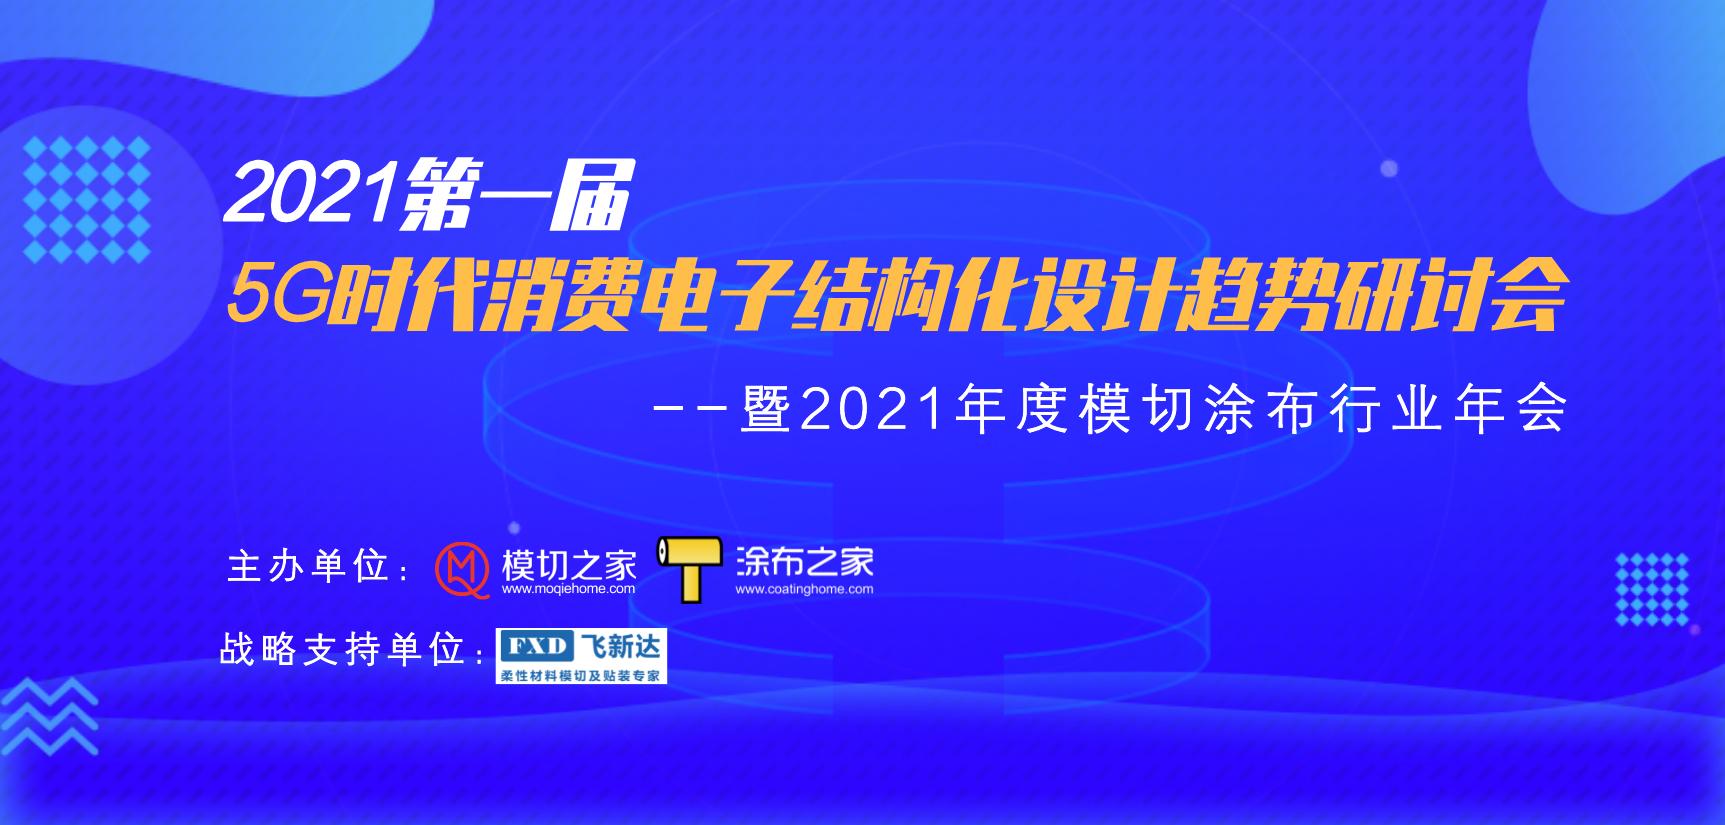 2021第一届5G消费电子结构化设计趋势研讨会--暨2021年度华东欧宝体育竞猜网/涂布行业年会